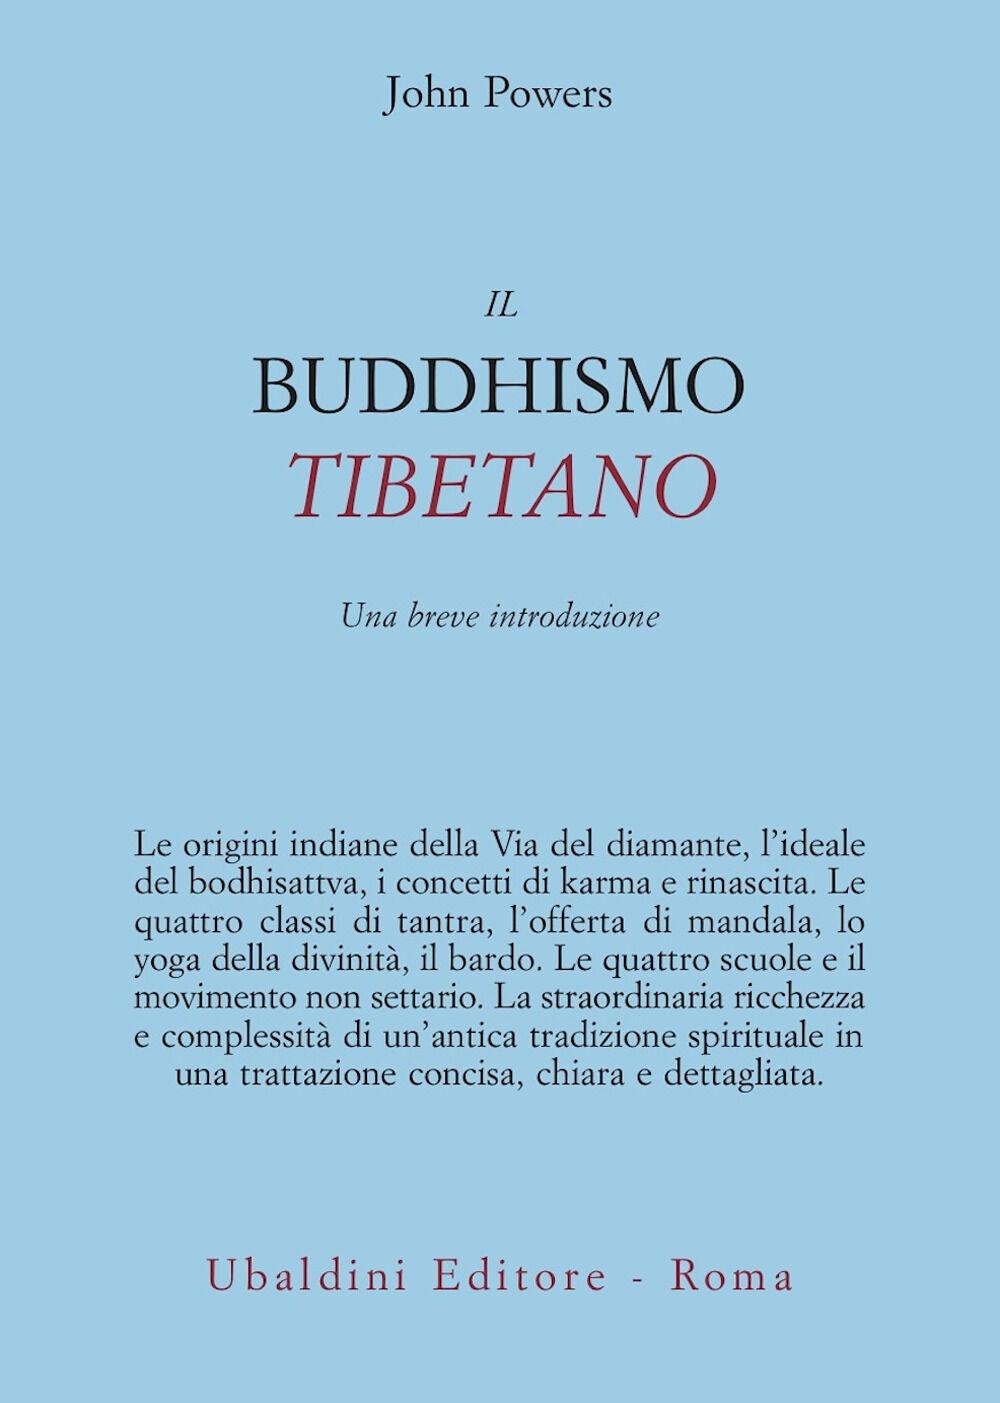 Il buddhismo tibetano. Una breve introduzione